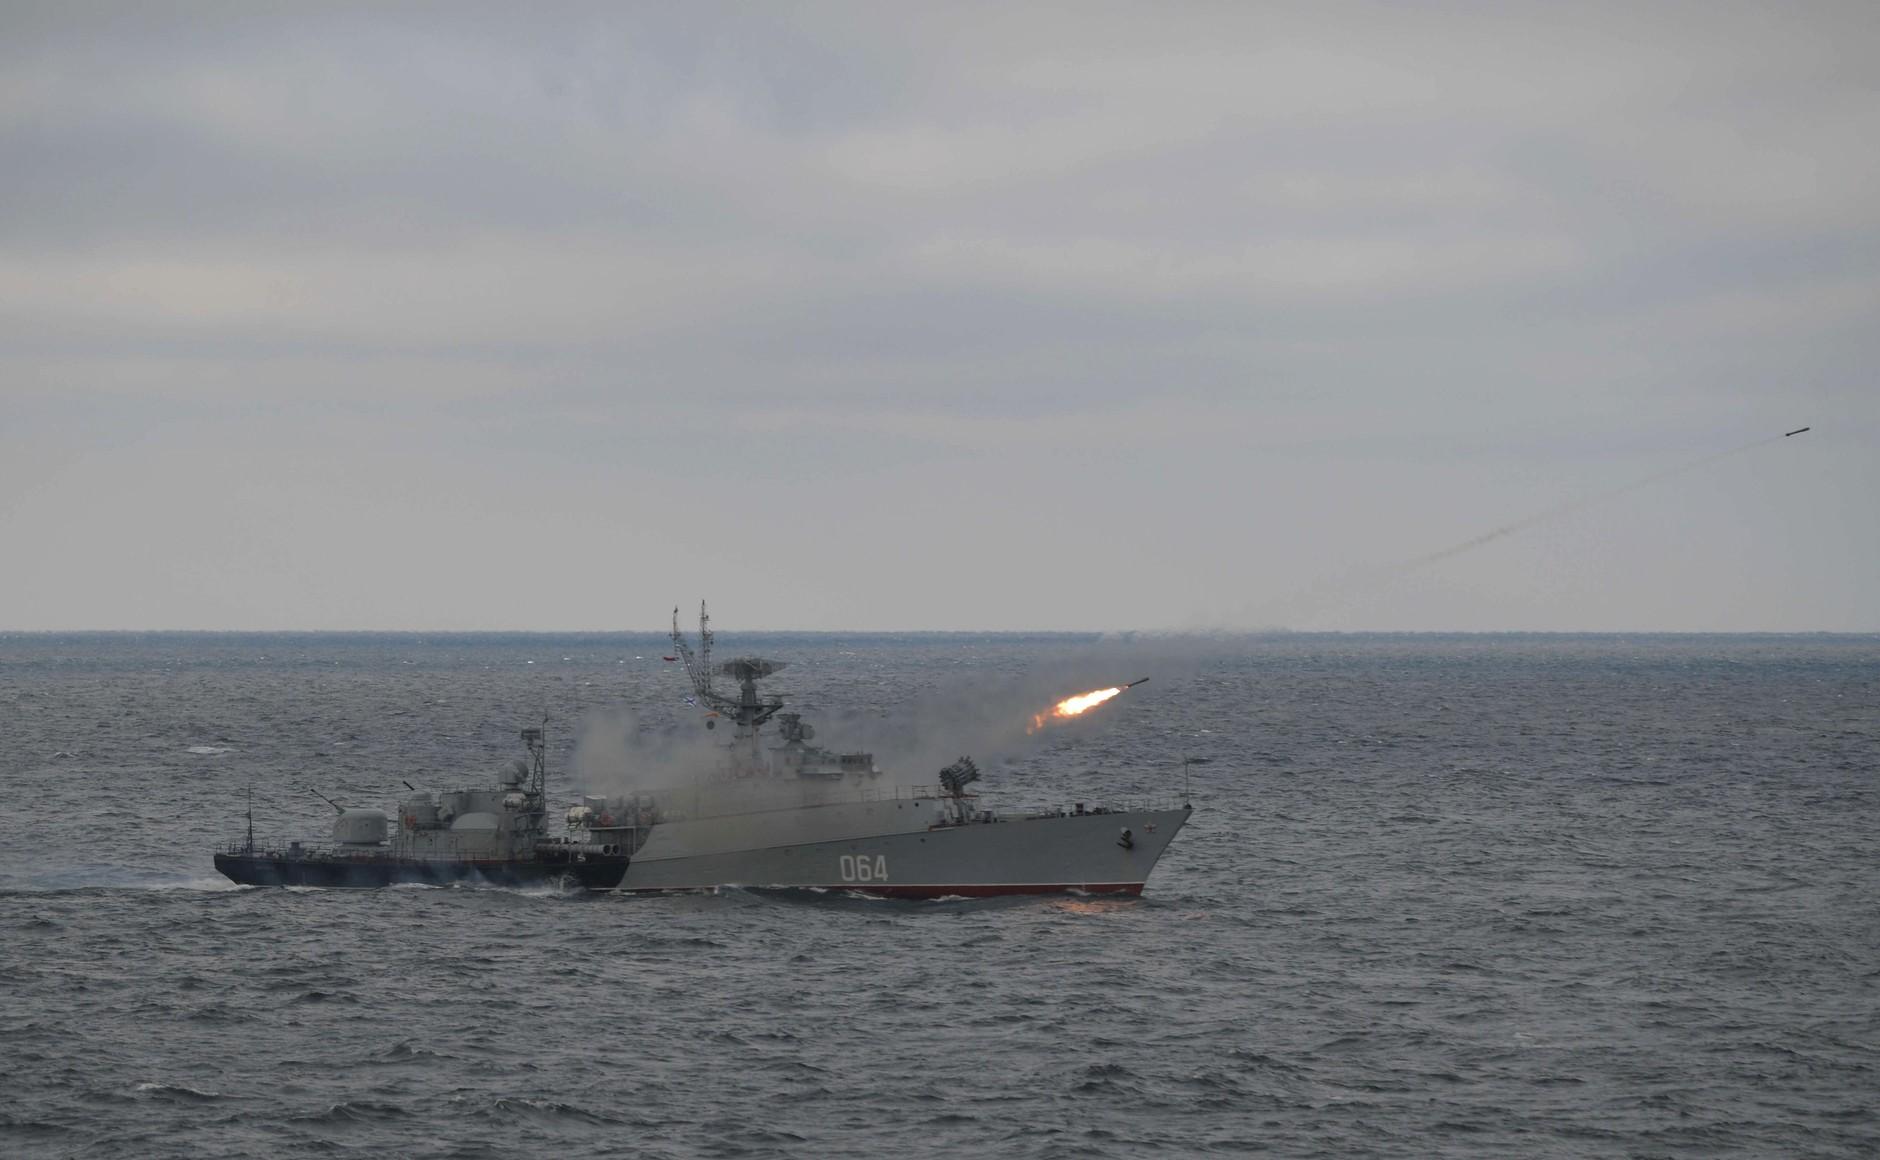 Tensions rise in the Black Sea. Russia may blockade Ukraine's ports